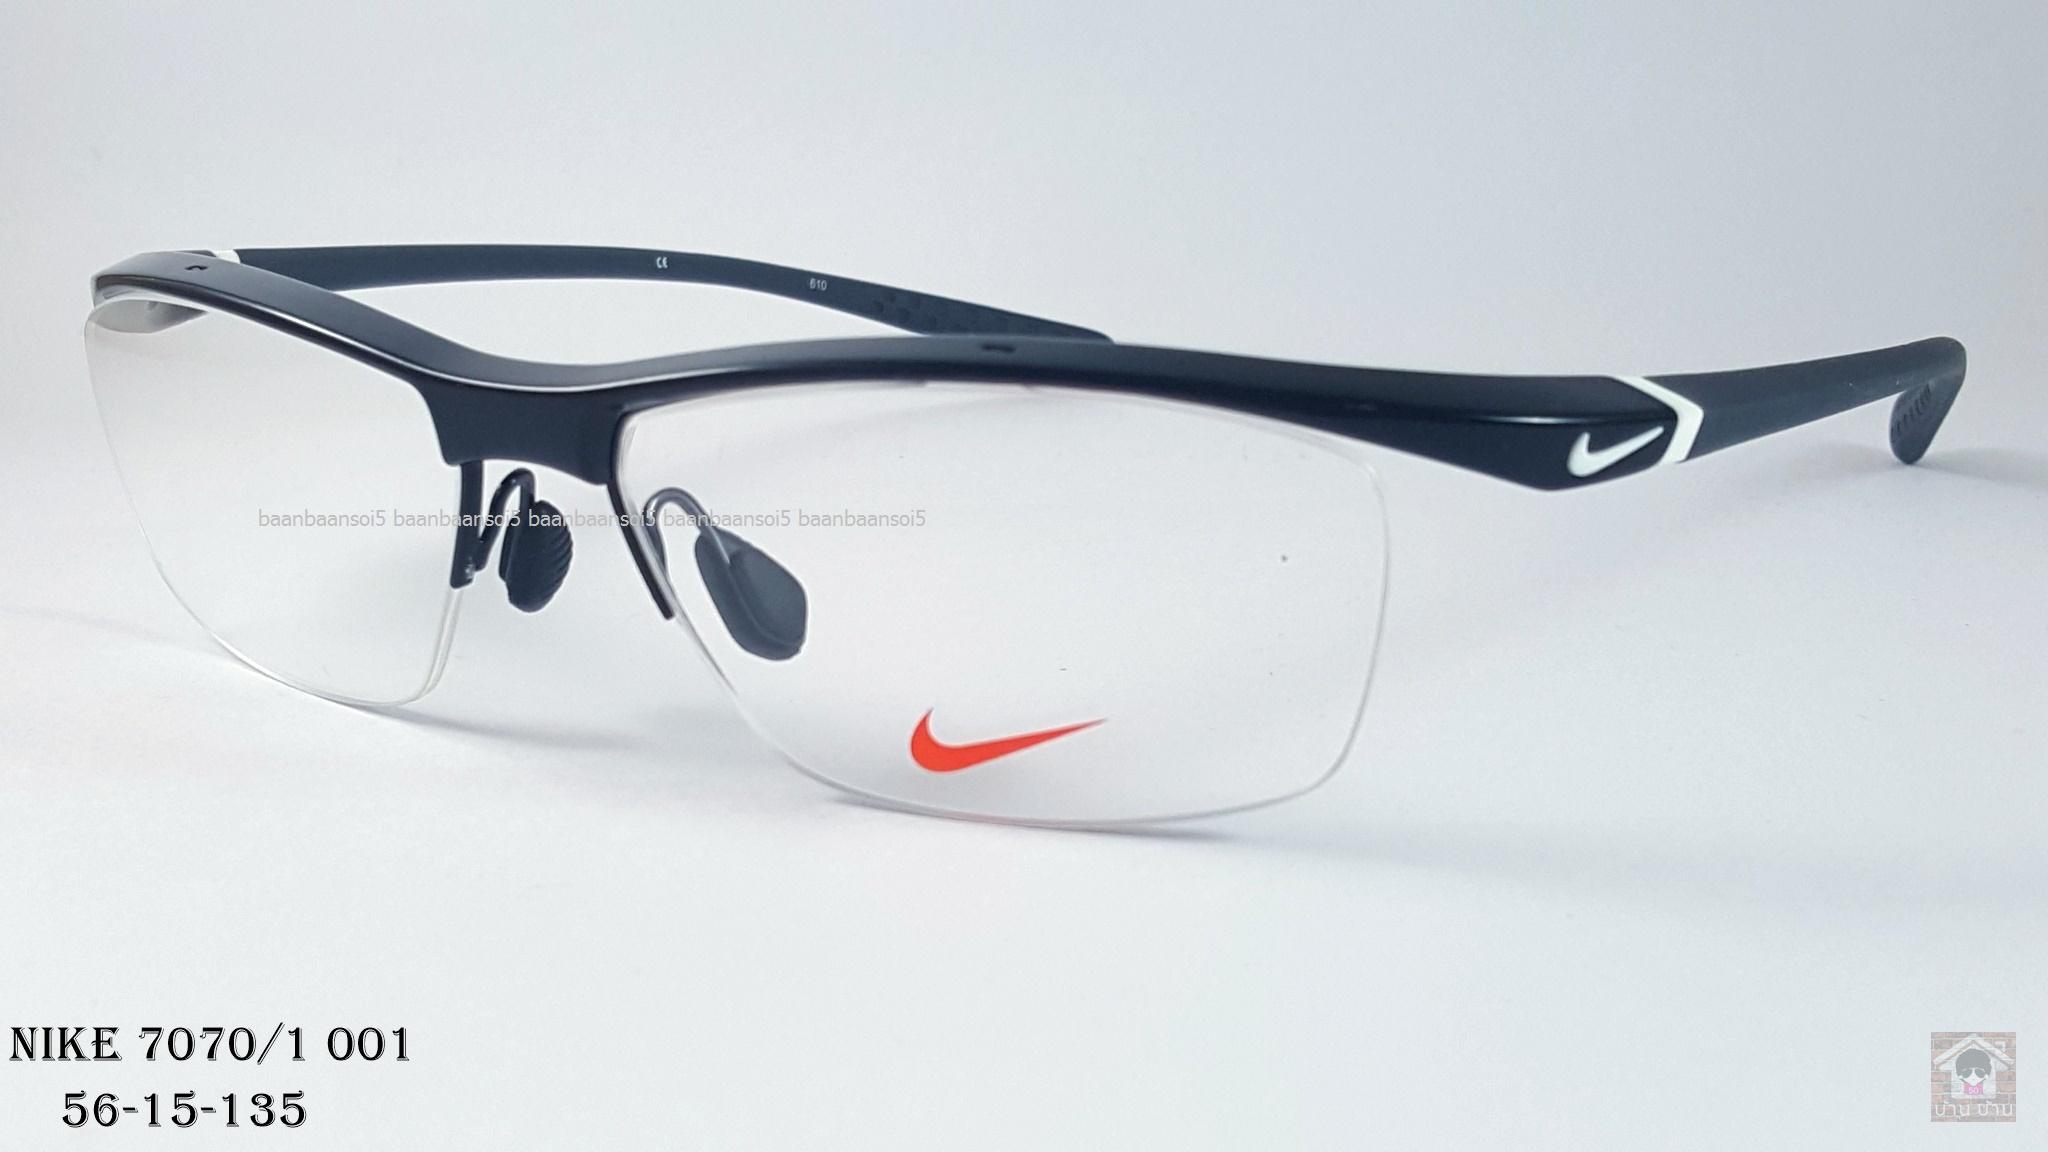 NIKE BRAND ORIGINALแท้ 7070/1 001 กรอบแว่นตาพร้อมเลนส์ มัลติโค๊ตHOYA ป้องกันรังสีคอม 4,200 บาท